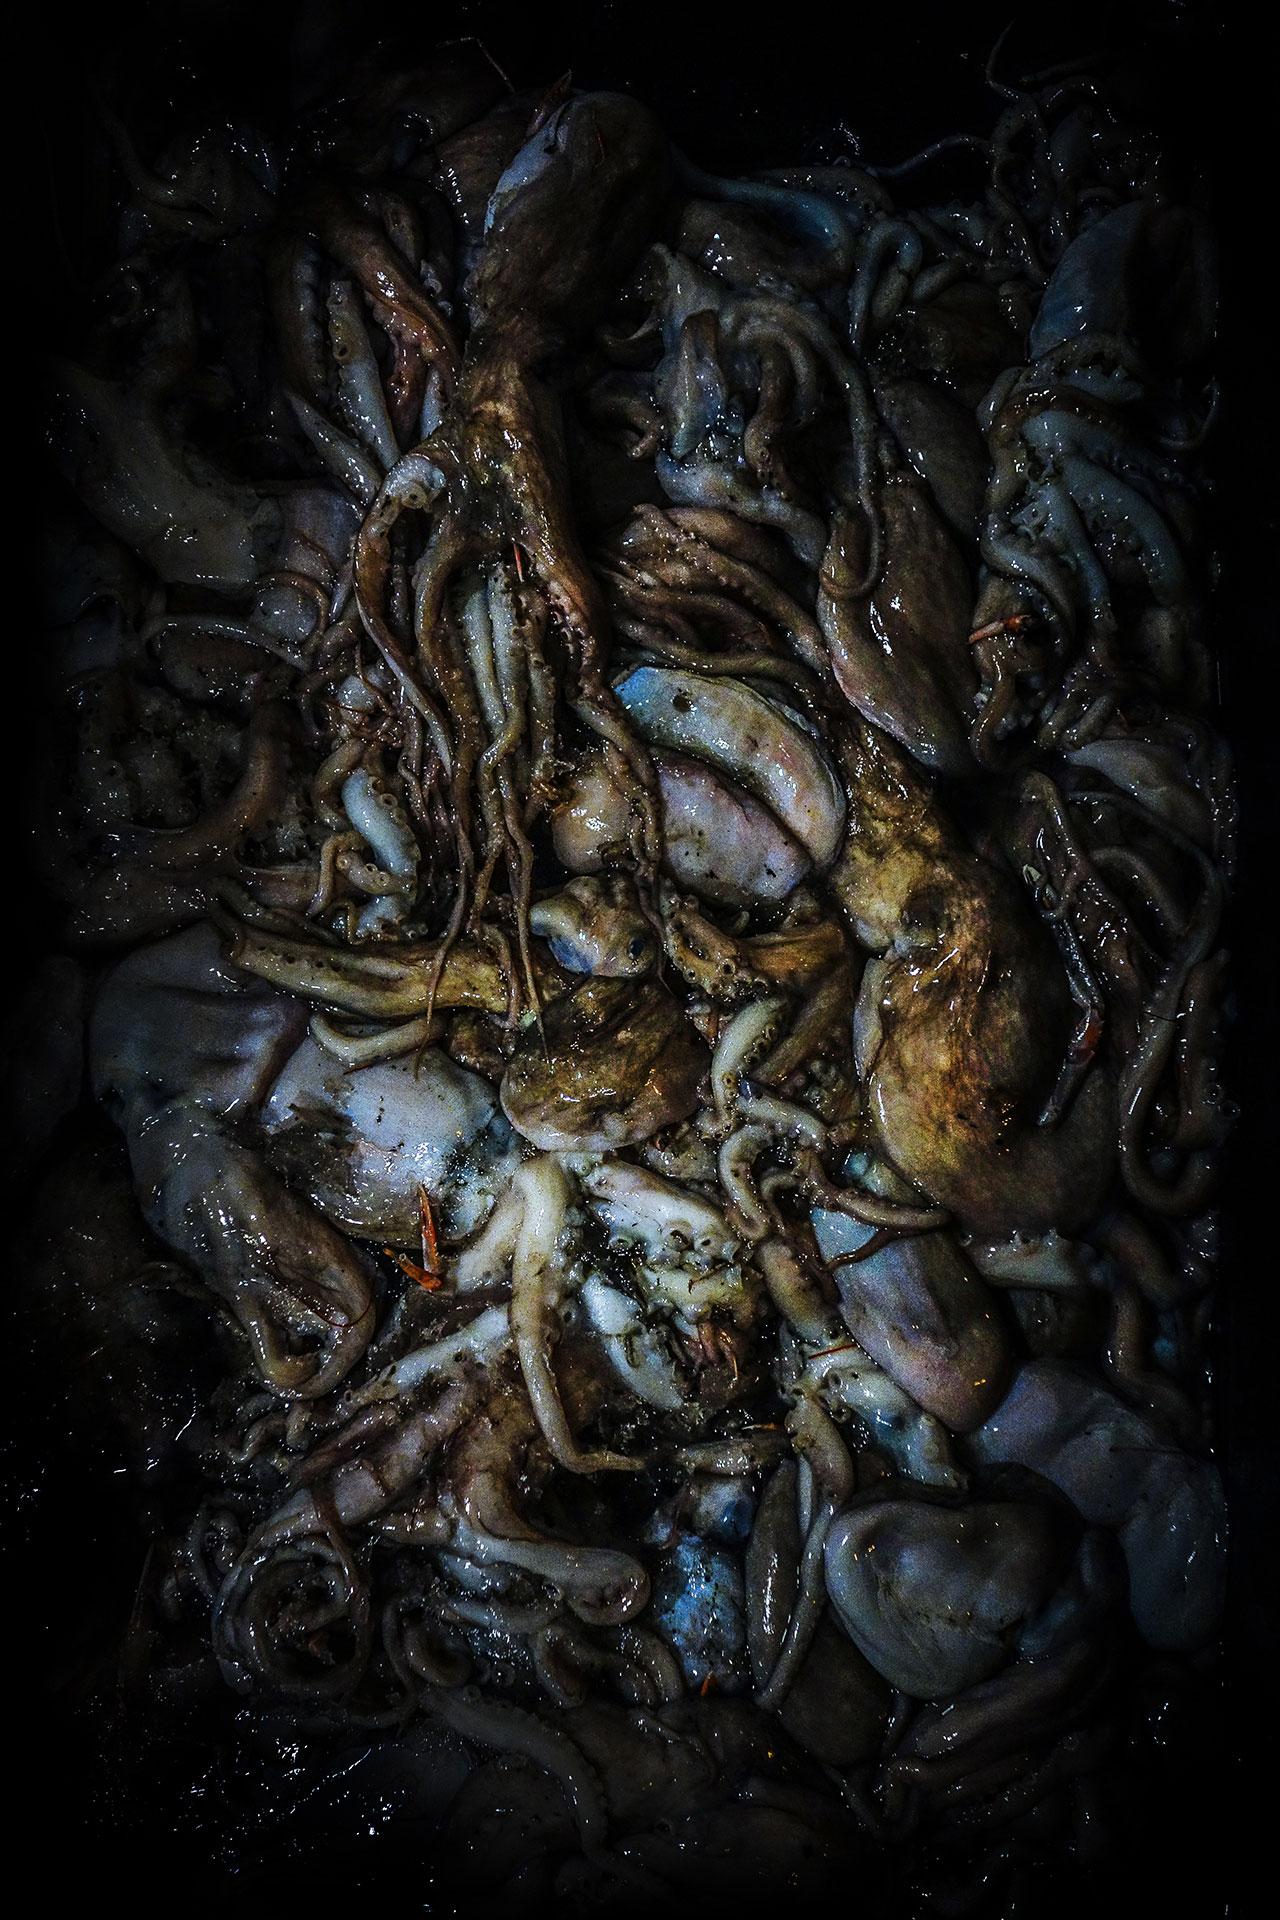 Octopus-at-market.jpg